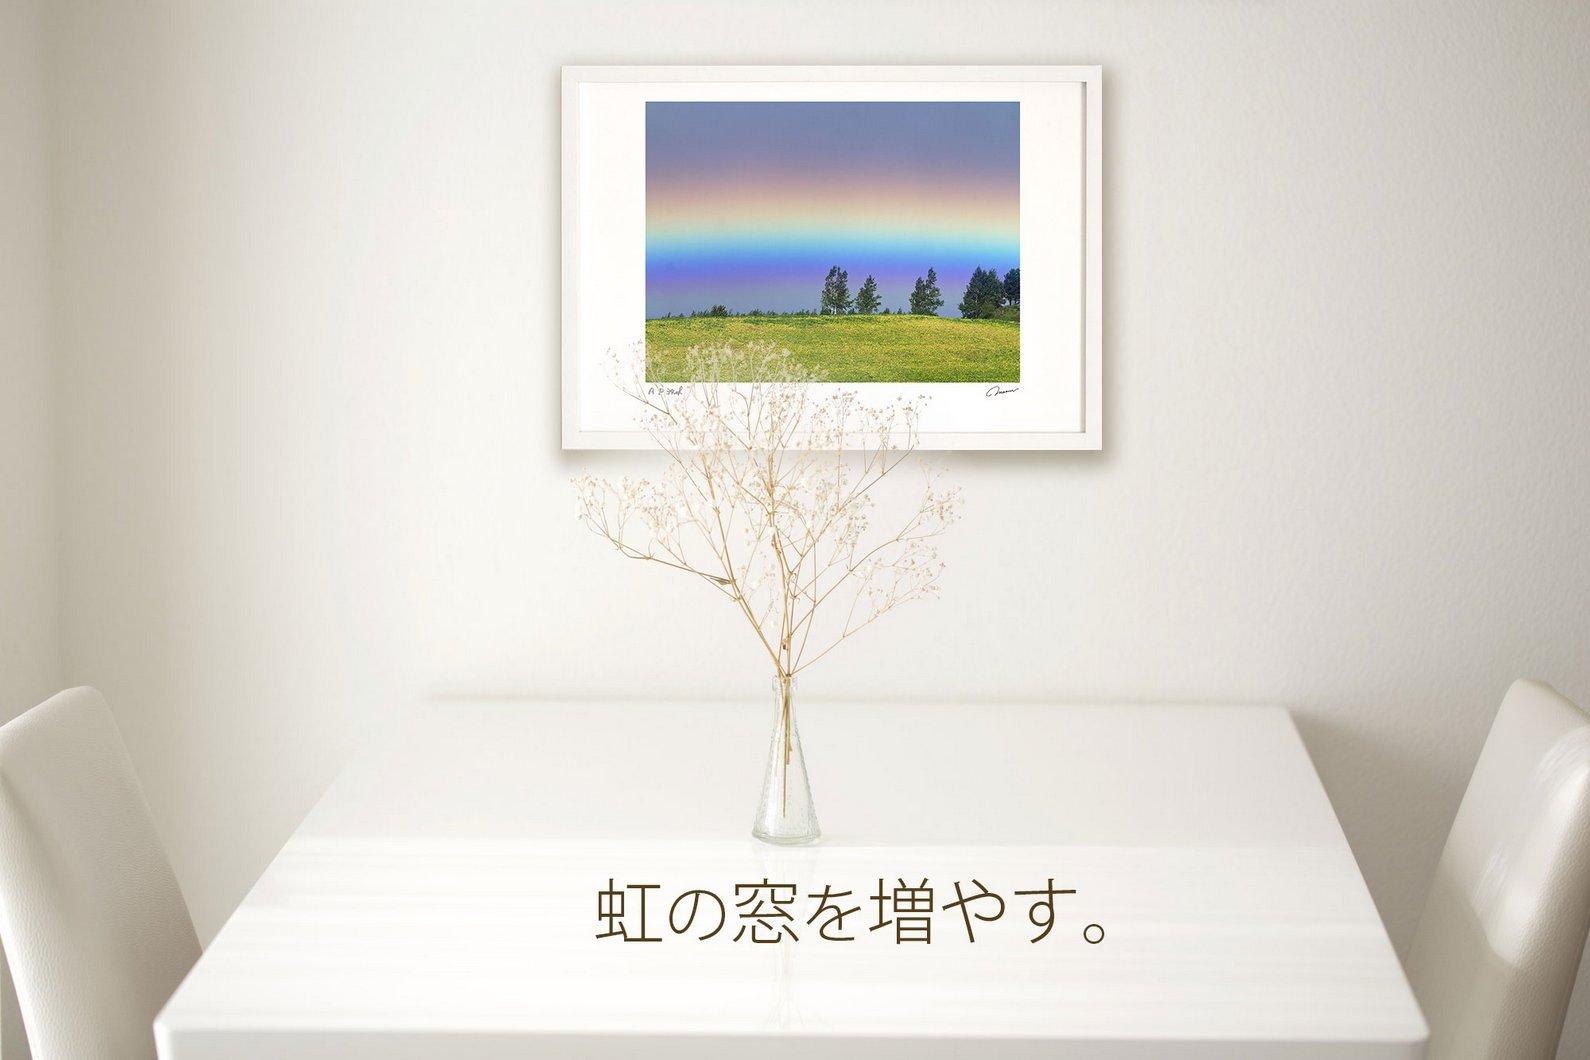 《アートフォト》ヒマワリと虹3/美瑛町〔富良野・高橋真澄〕(レンタル対象)